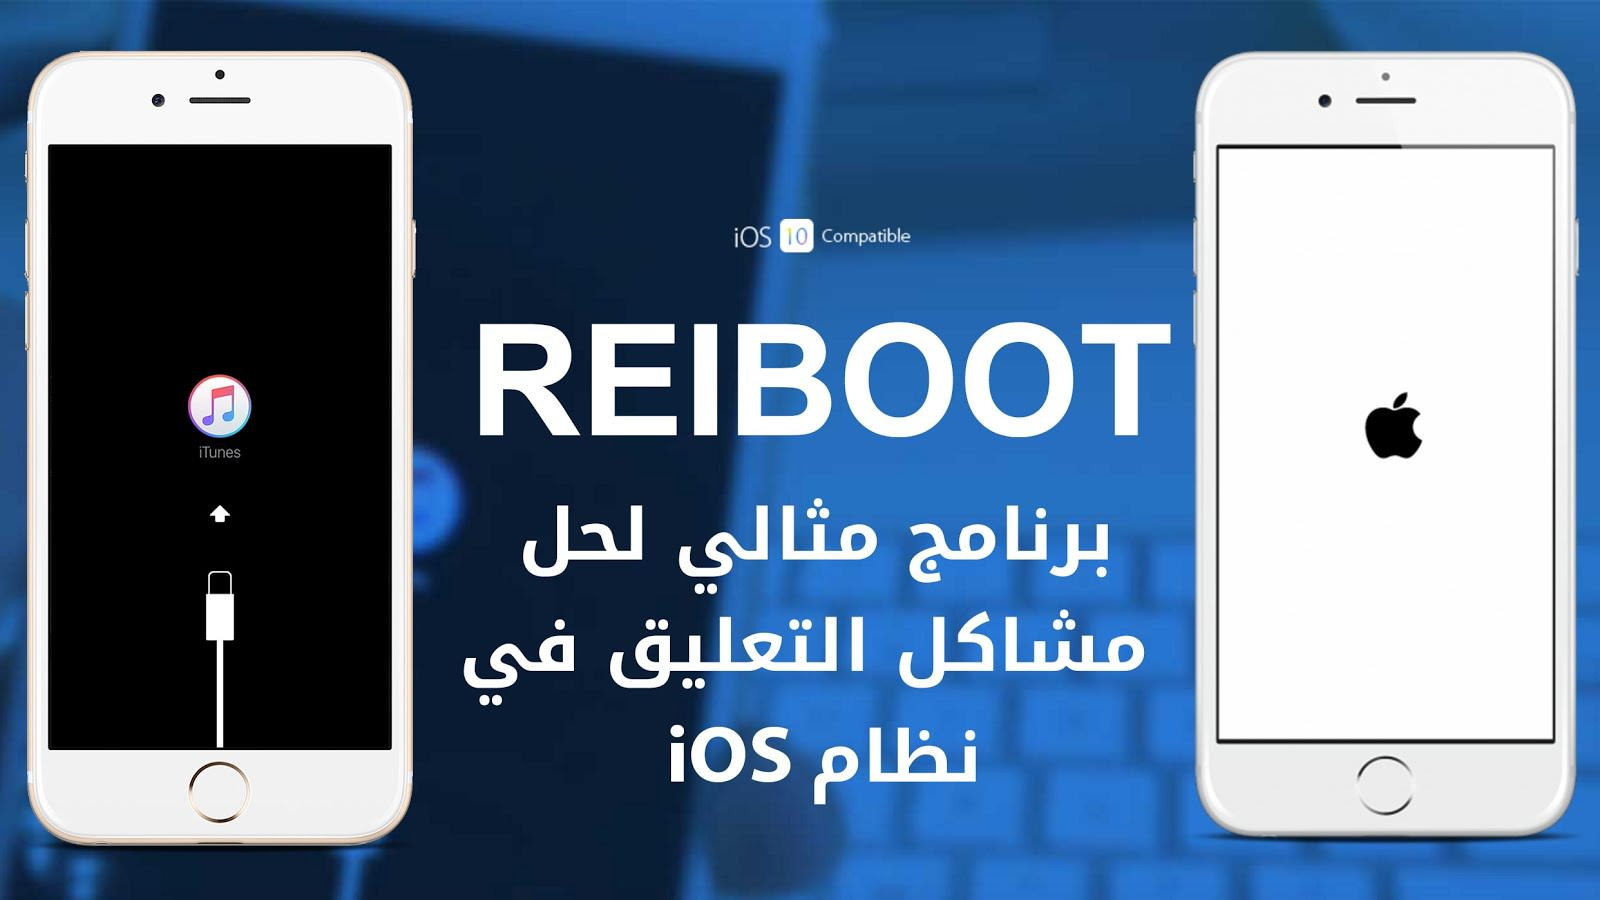 تحميل برنامج ReiBoot المجاني لحل مشاكل التعليق في الآيفون للويندوز والماك